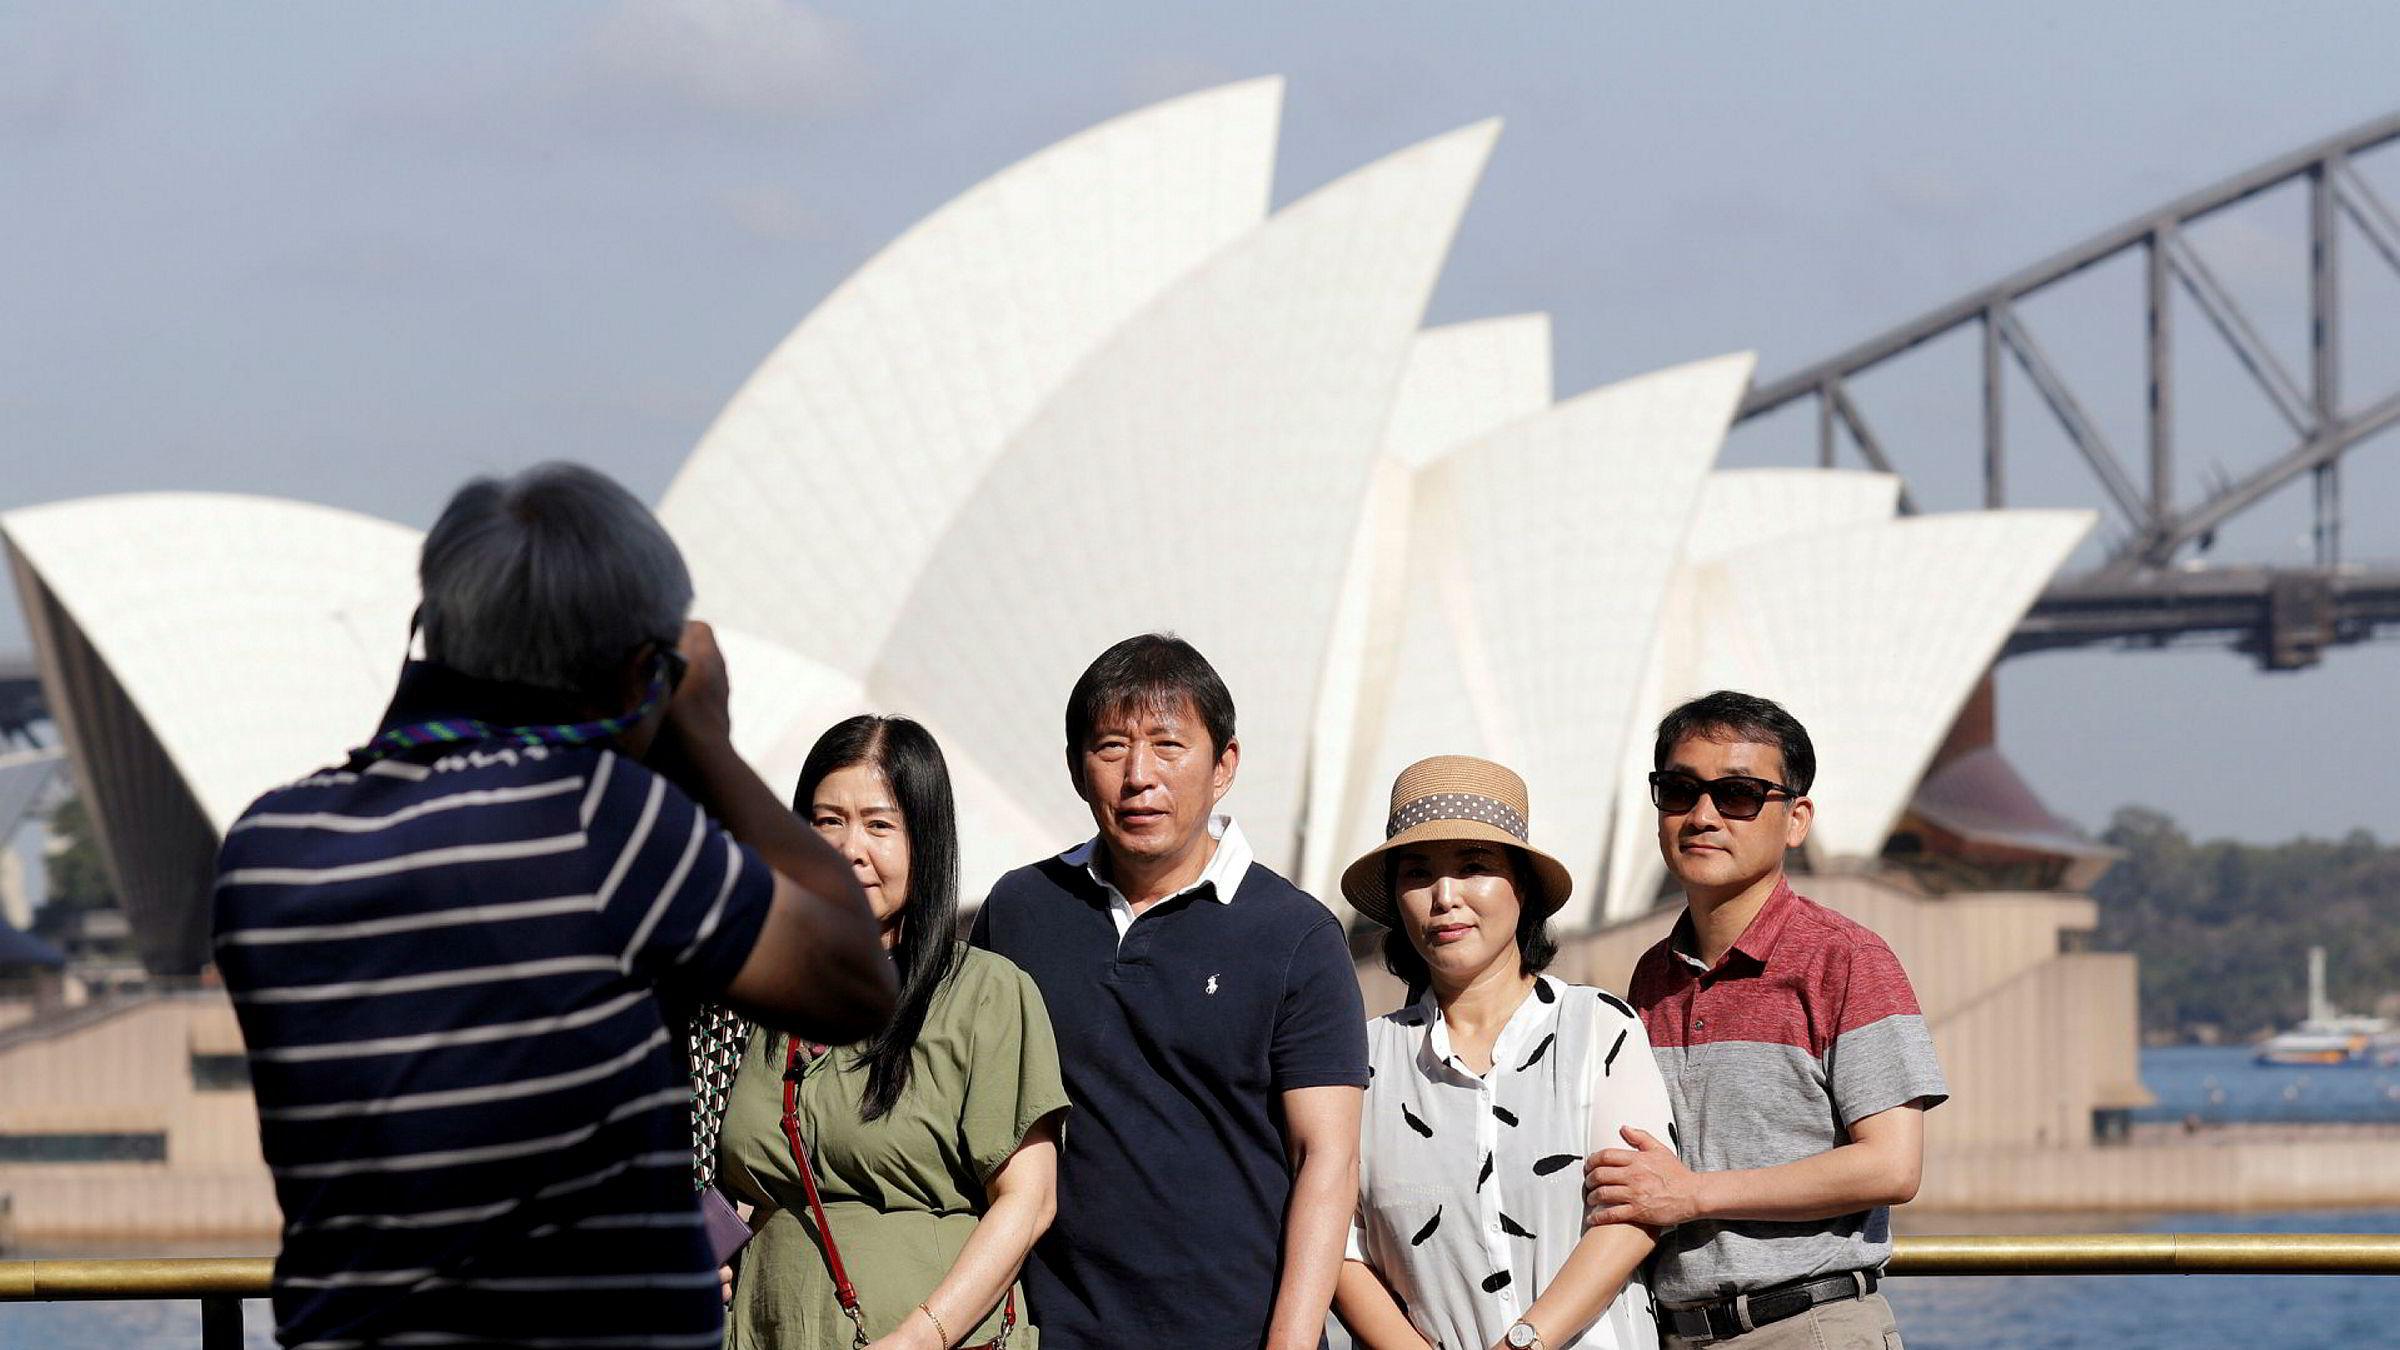 Regjeringen i Australia innfører innreiseforbud for reisende fra Kina. Bildet viser turister foran Operahuset i Sydney.